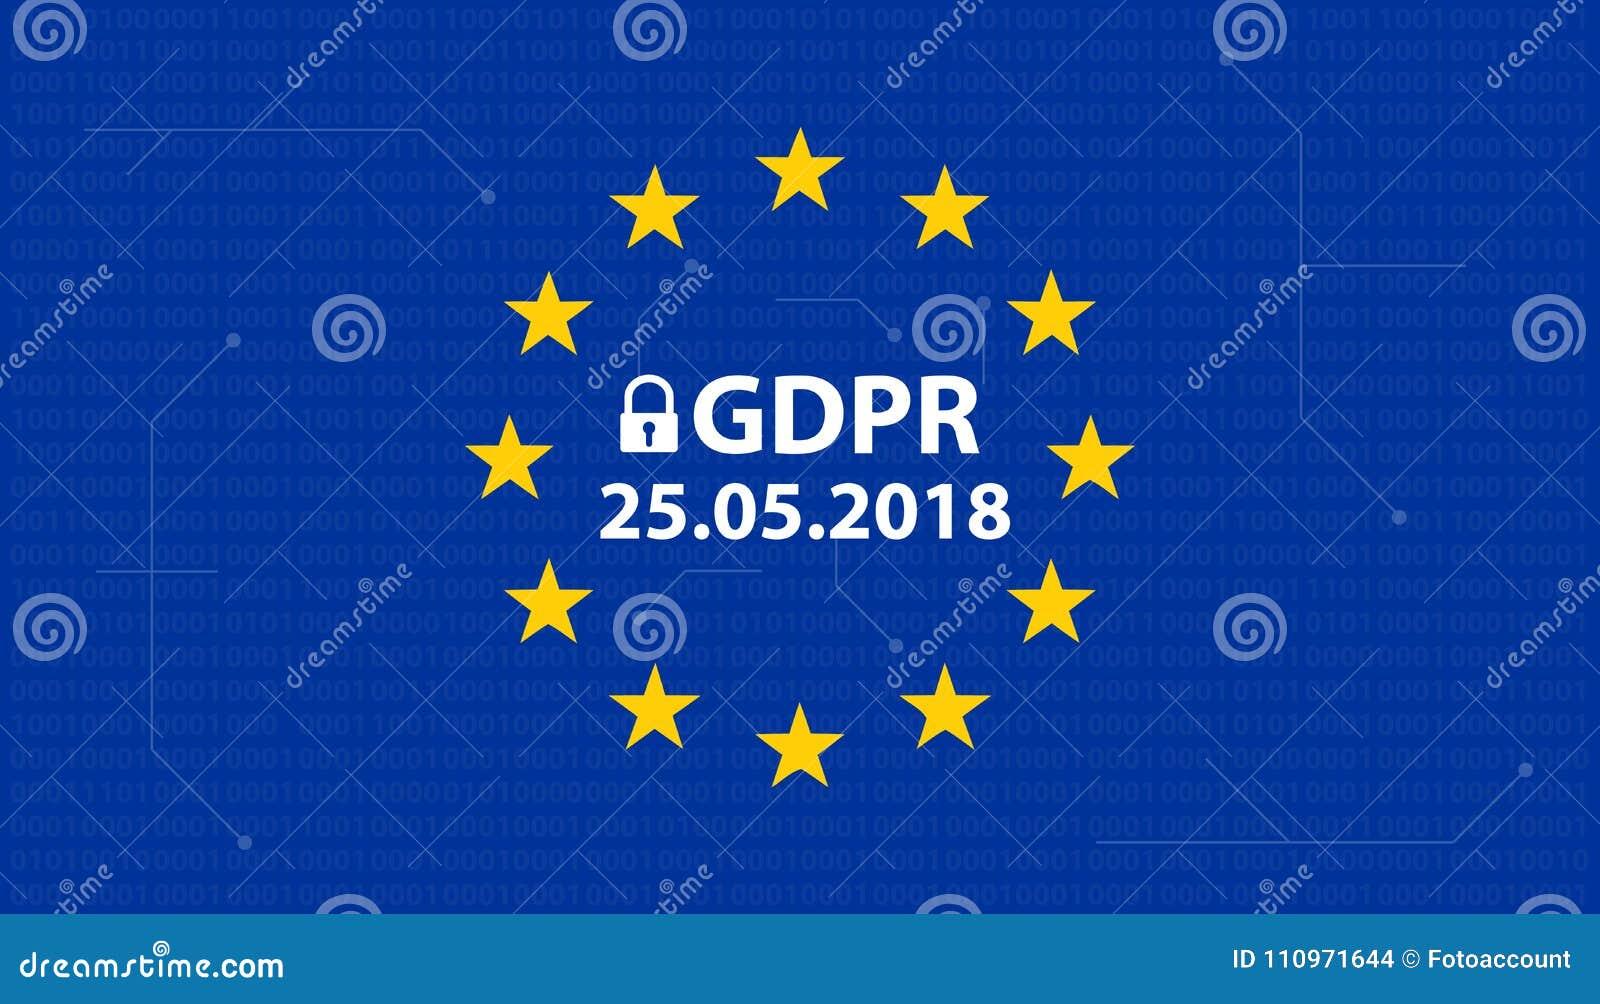 Γενική γερμανική μεταλλαγή κανονισμού GDPR προστασίας δεδομένων: Datenschutzverordnung DSGVO